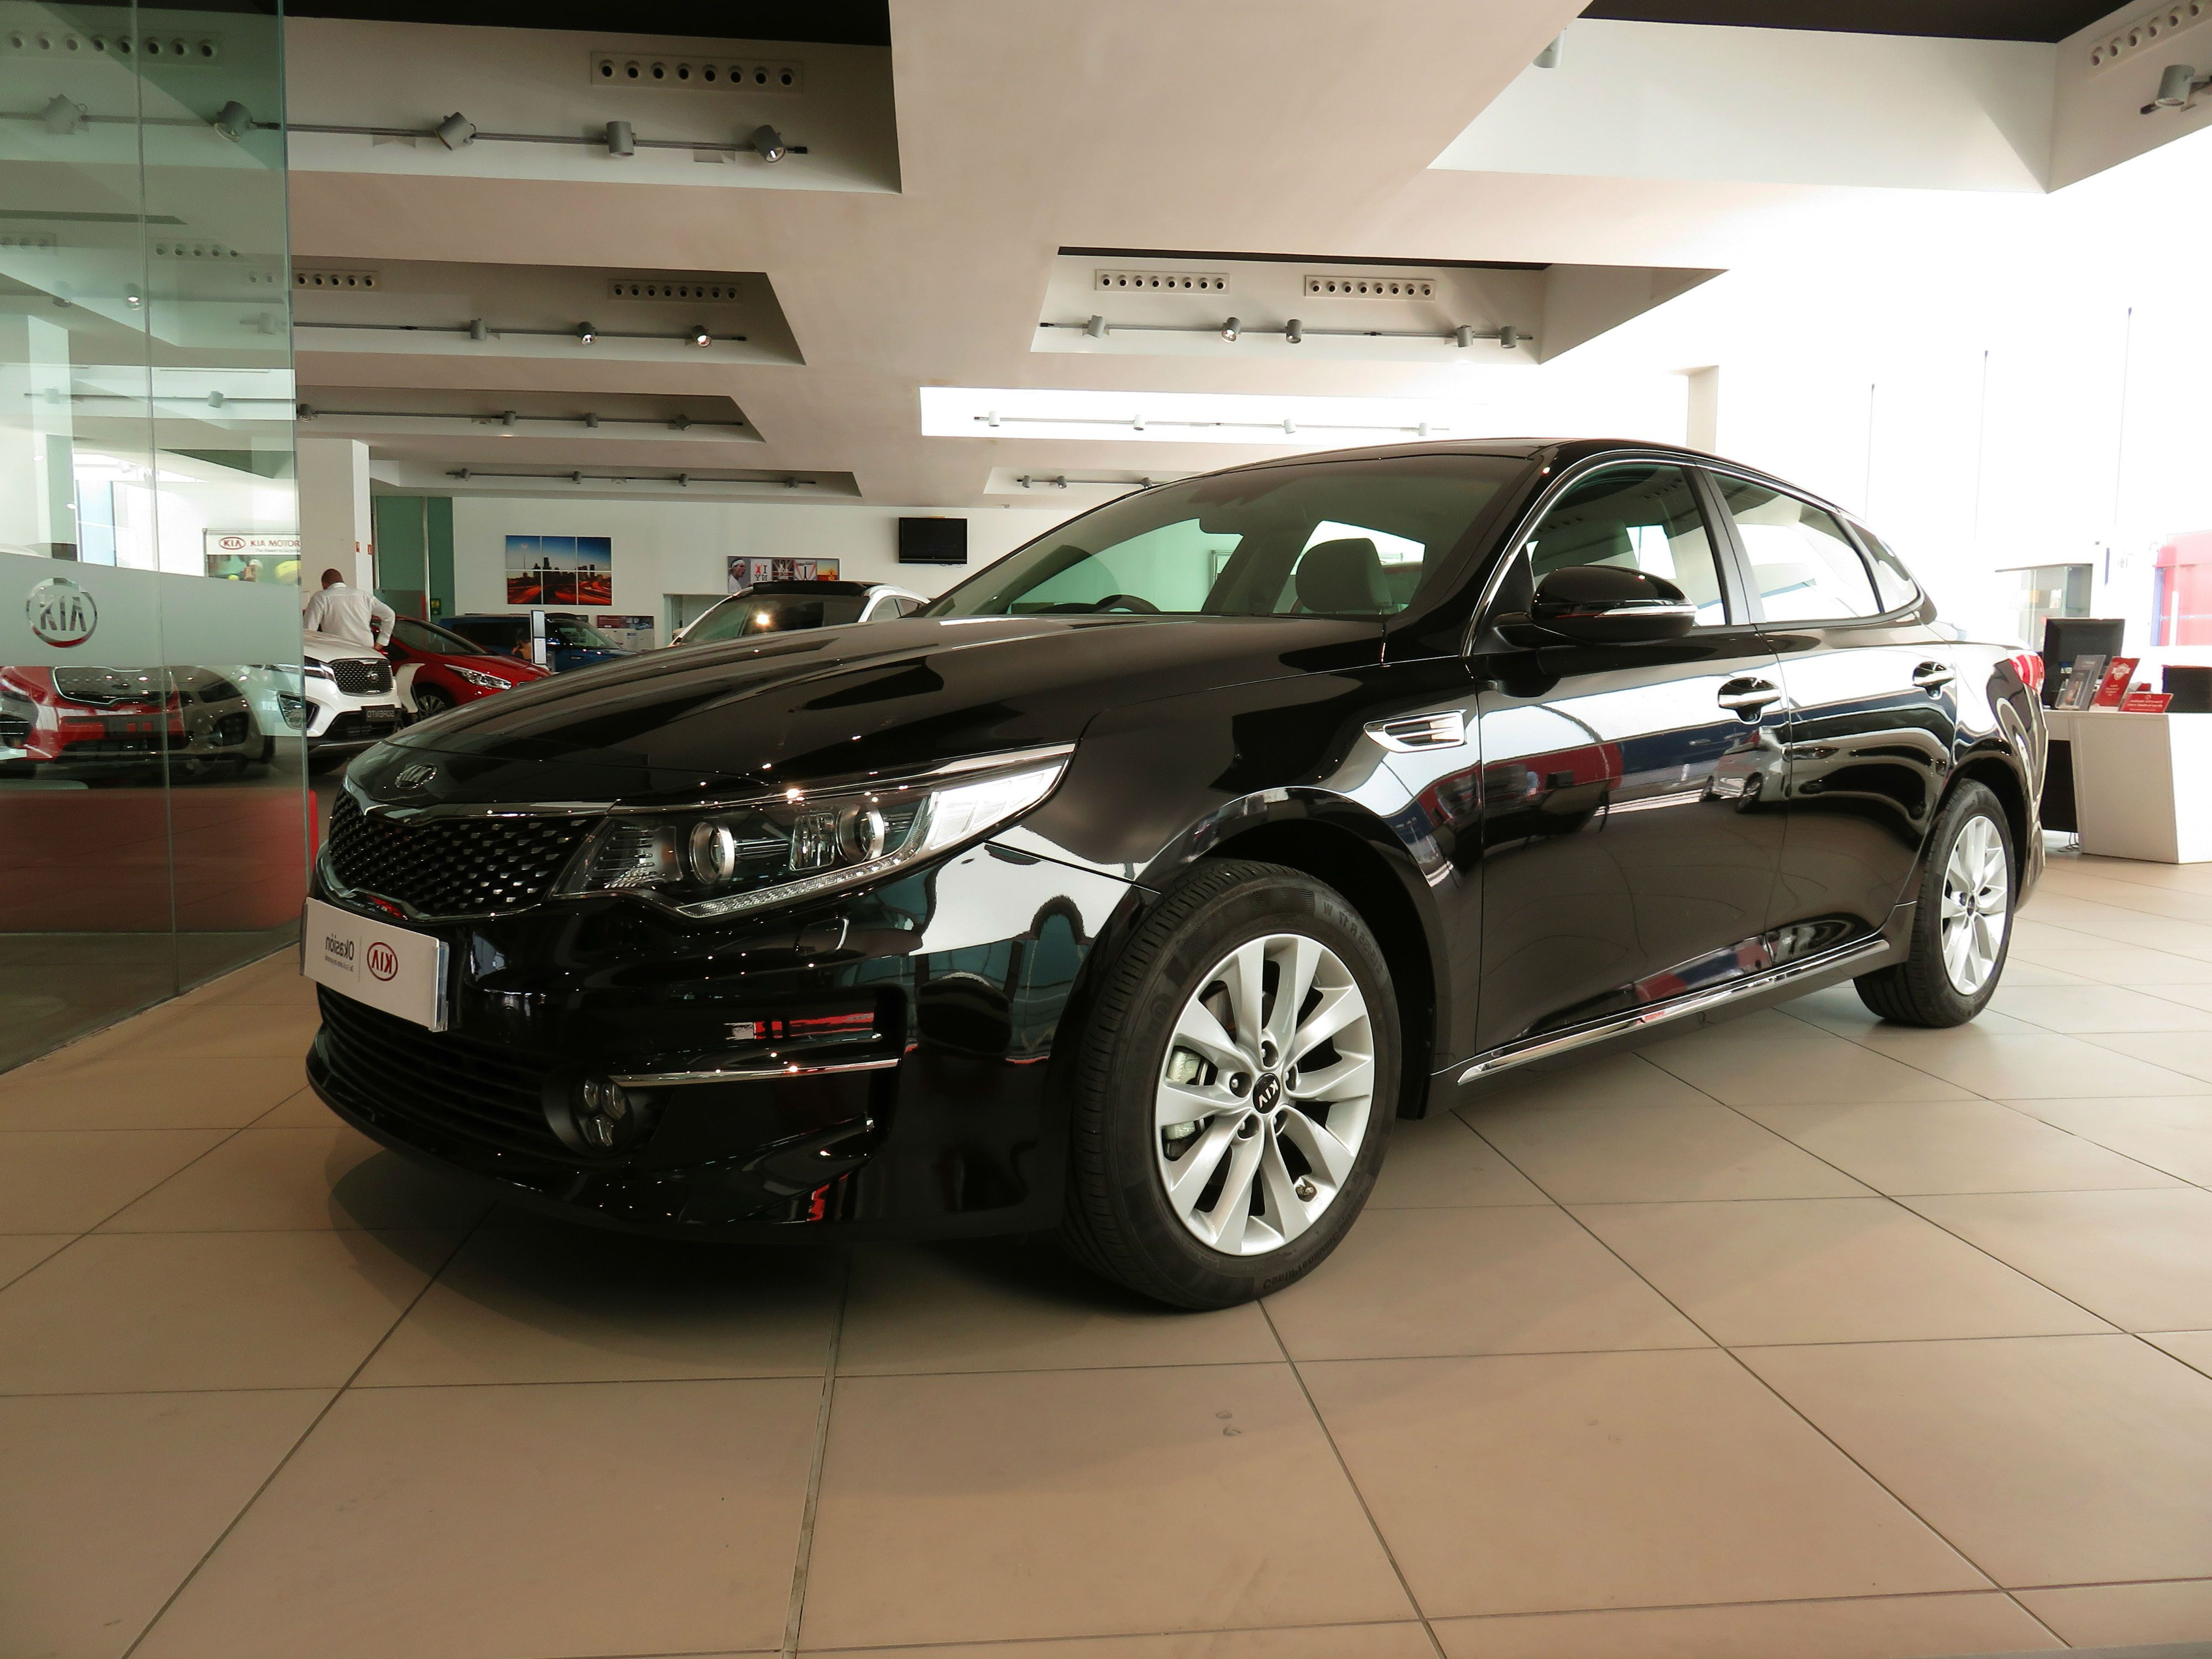 Kia Optima 1.7CRDi VGT Drive Eco-Dynamics por 19.550€*